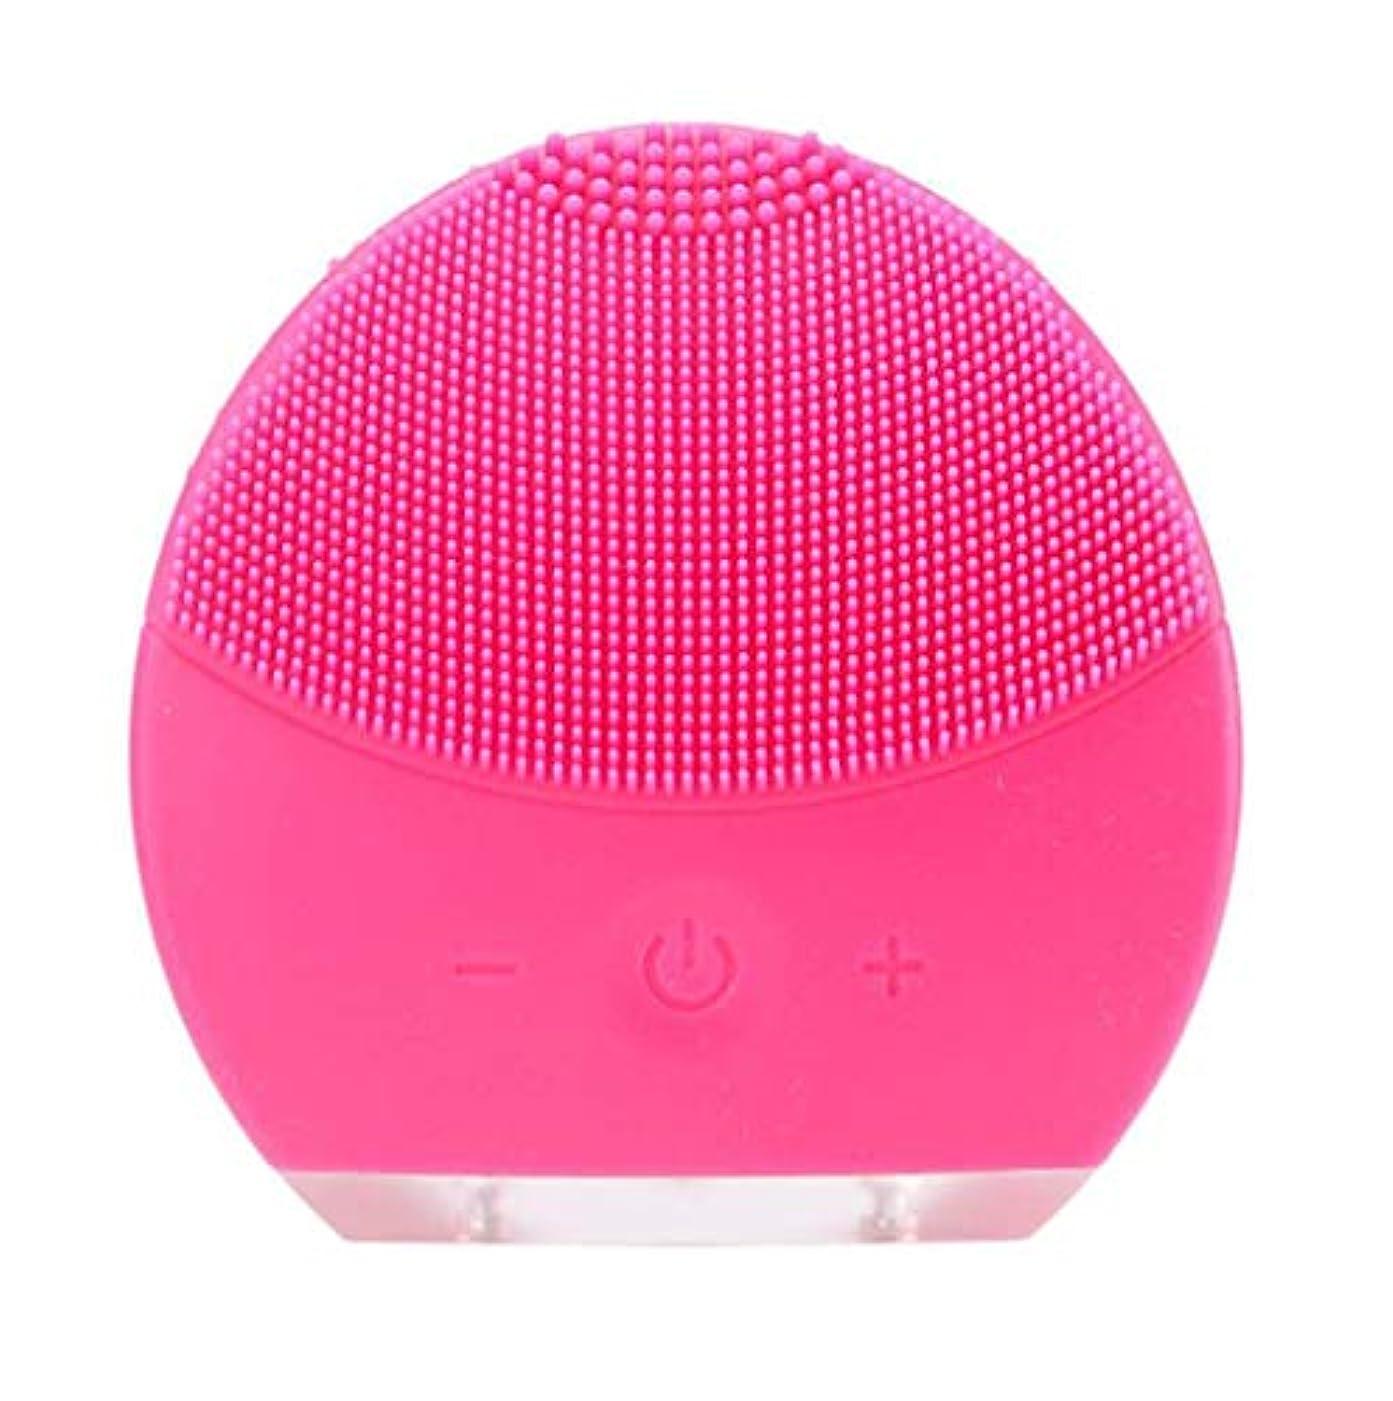 ただやる見捨てるイブ超音波振動美容機器洗浄器、皮膚の毛穴を最小限に抑えるマイクロダーマブレーション毛穴、USB 充電と防水,Rosered